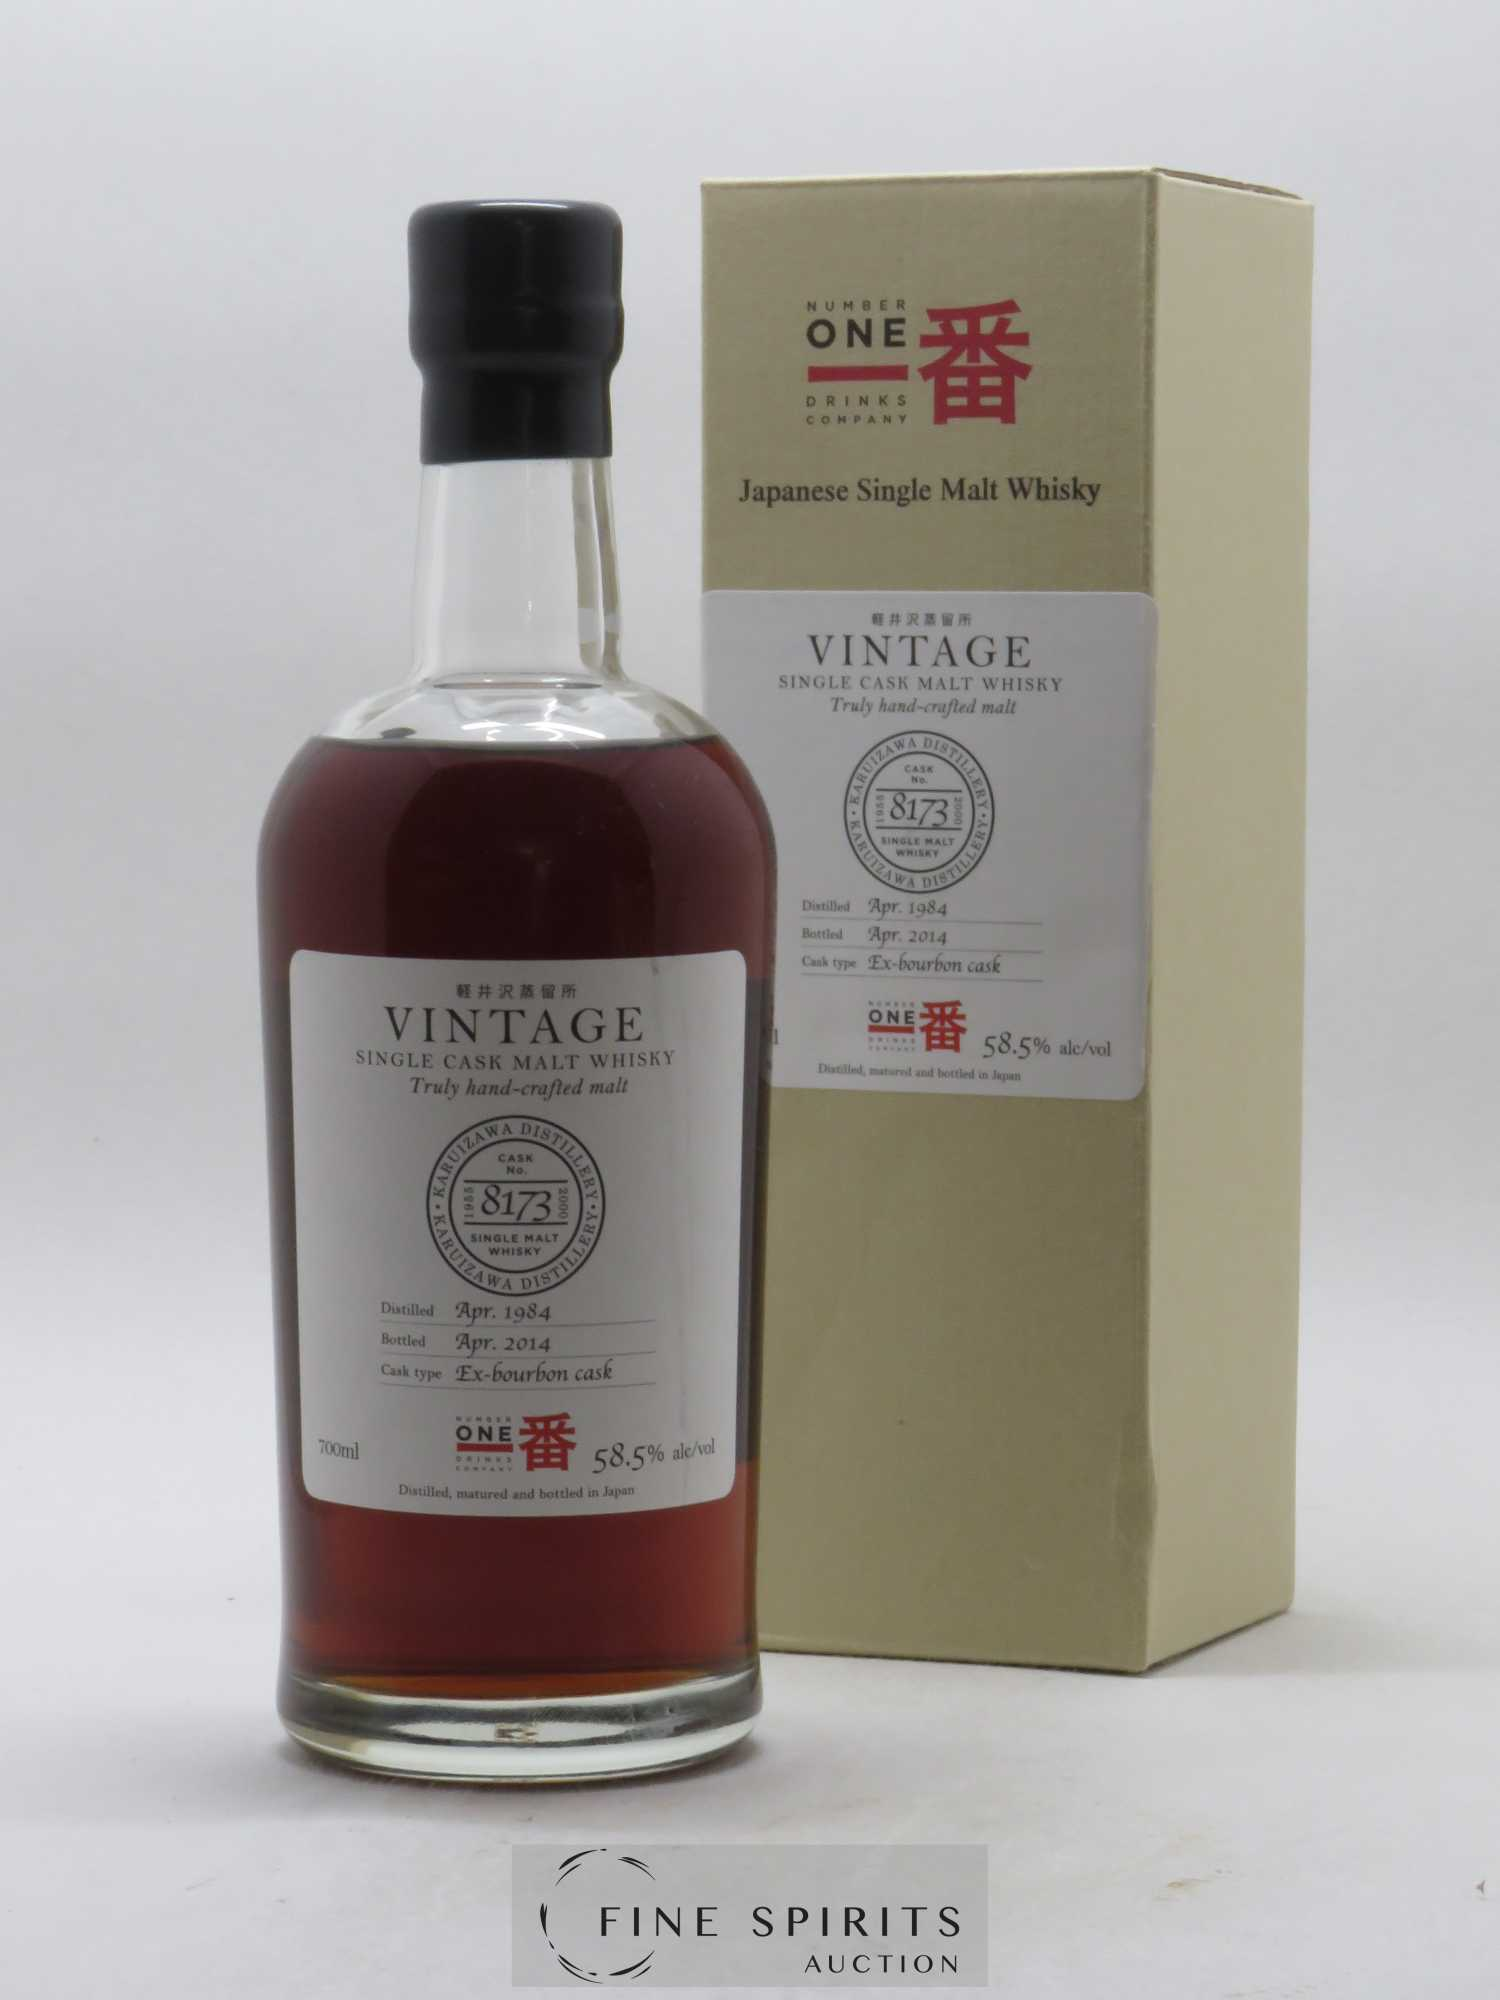 Karuizawa 1984 Number One Drinks Vintage Single Cask n°8173 - bottled 2014 Ex-Bourbon Cask 58,5 % (70 cl)